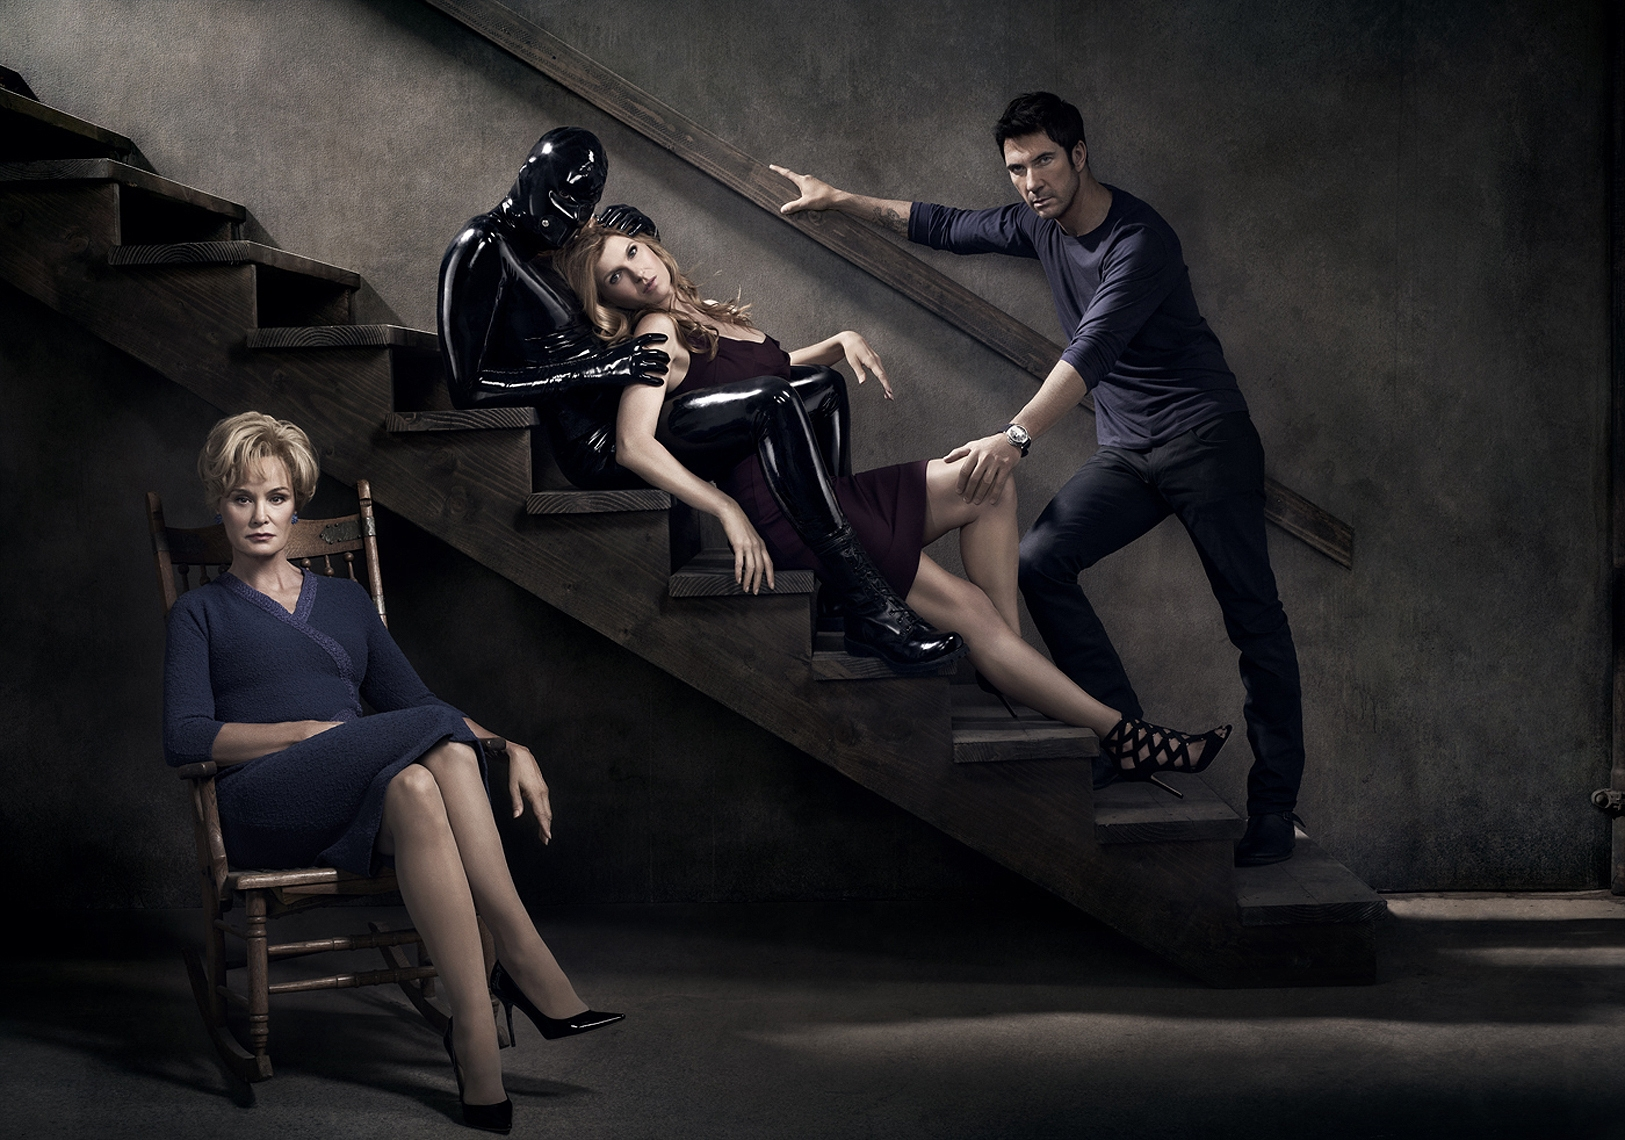 американская история ужасов 1 серия 2 сезон скачать